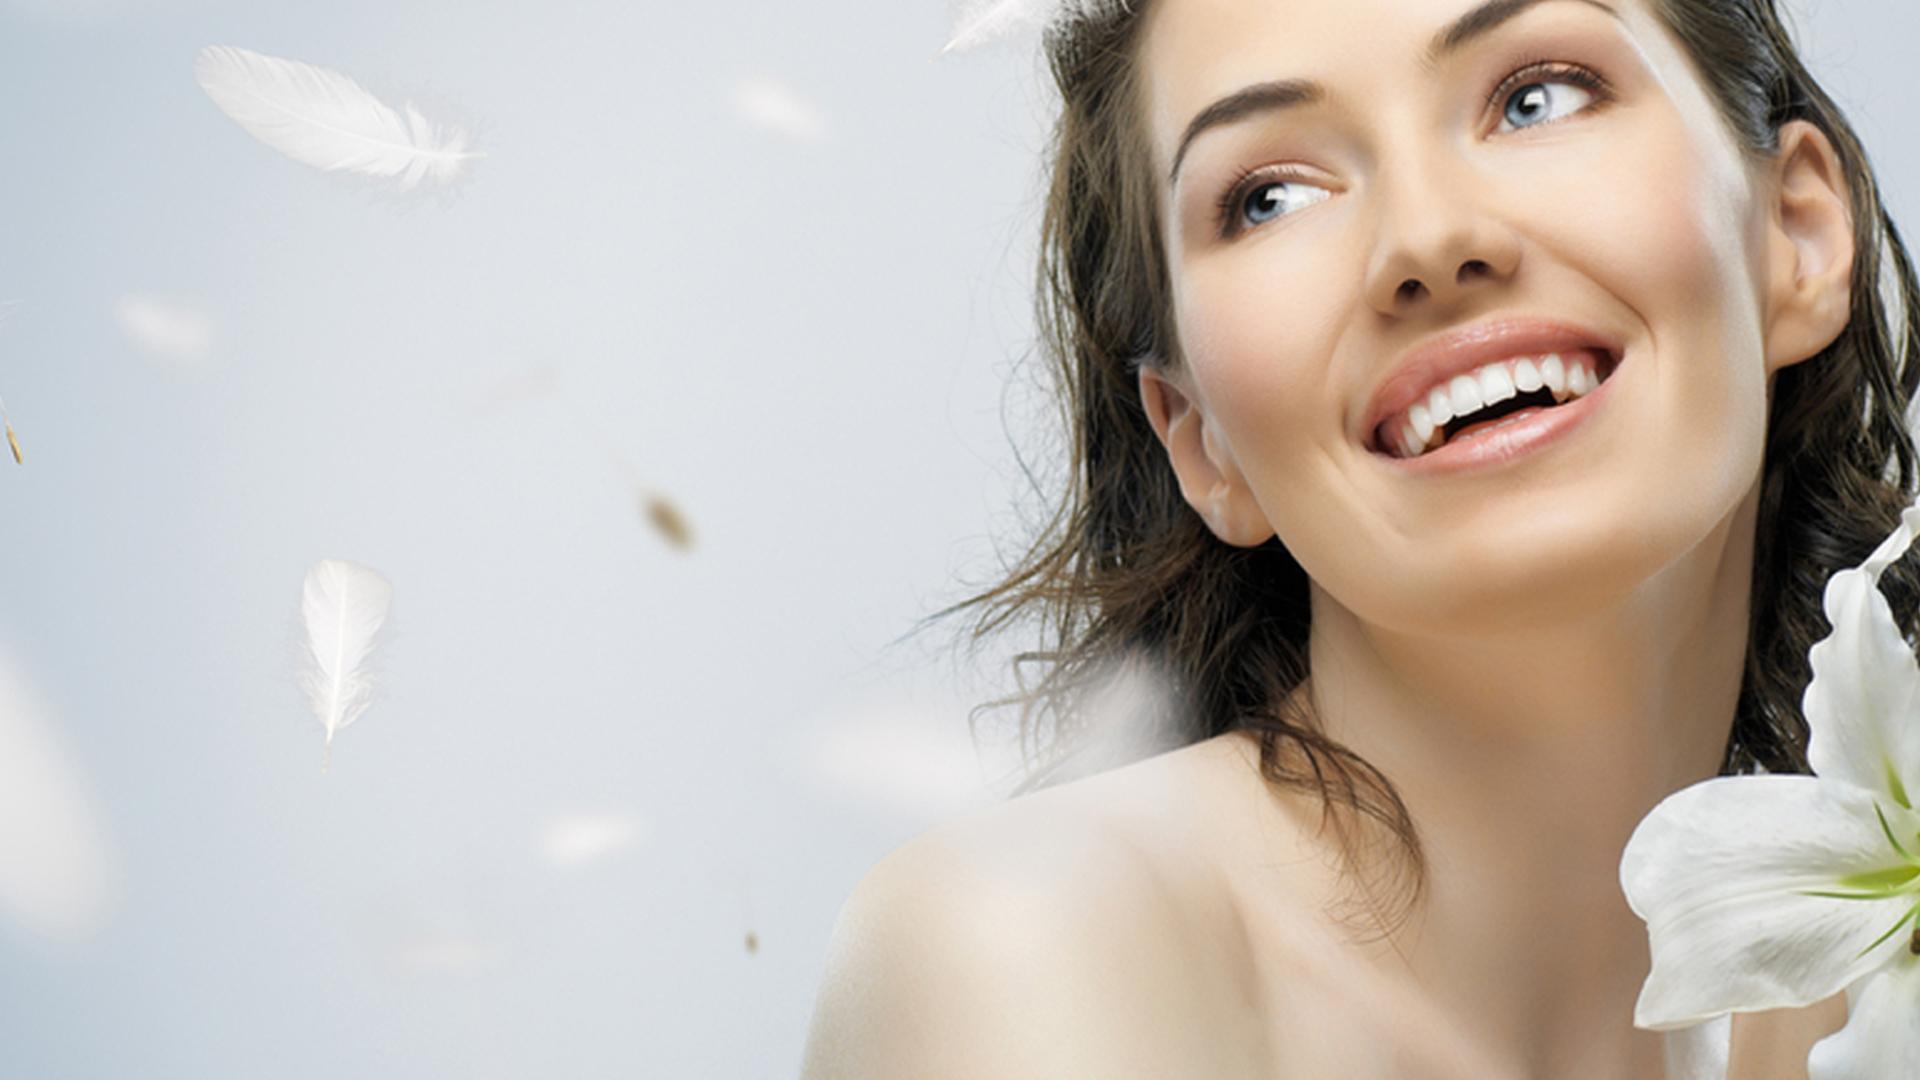 ozonoterapia jak działa  dermaestetic